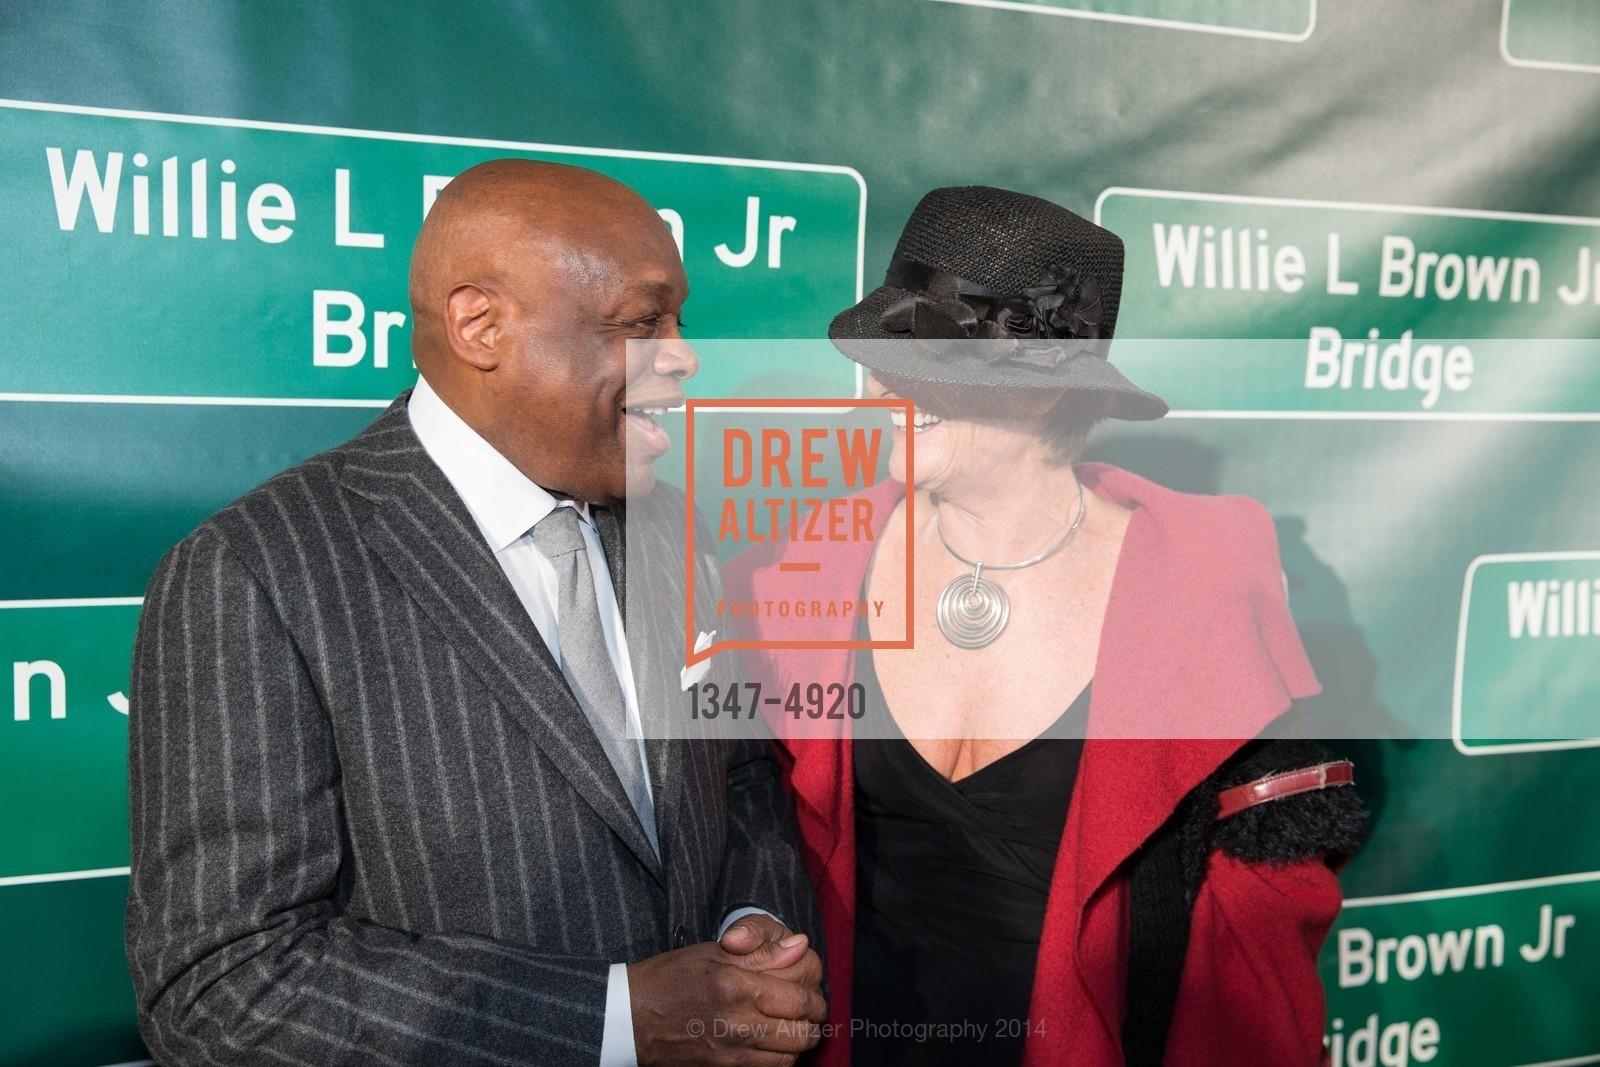 Willie Brown, Photo #1347-4920